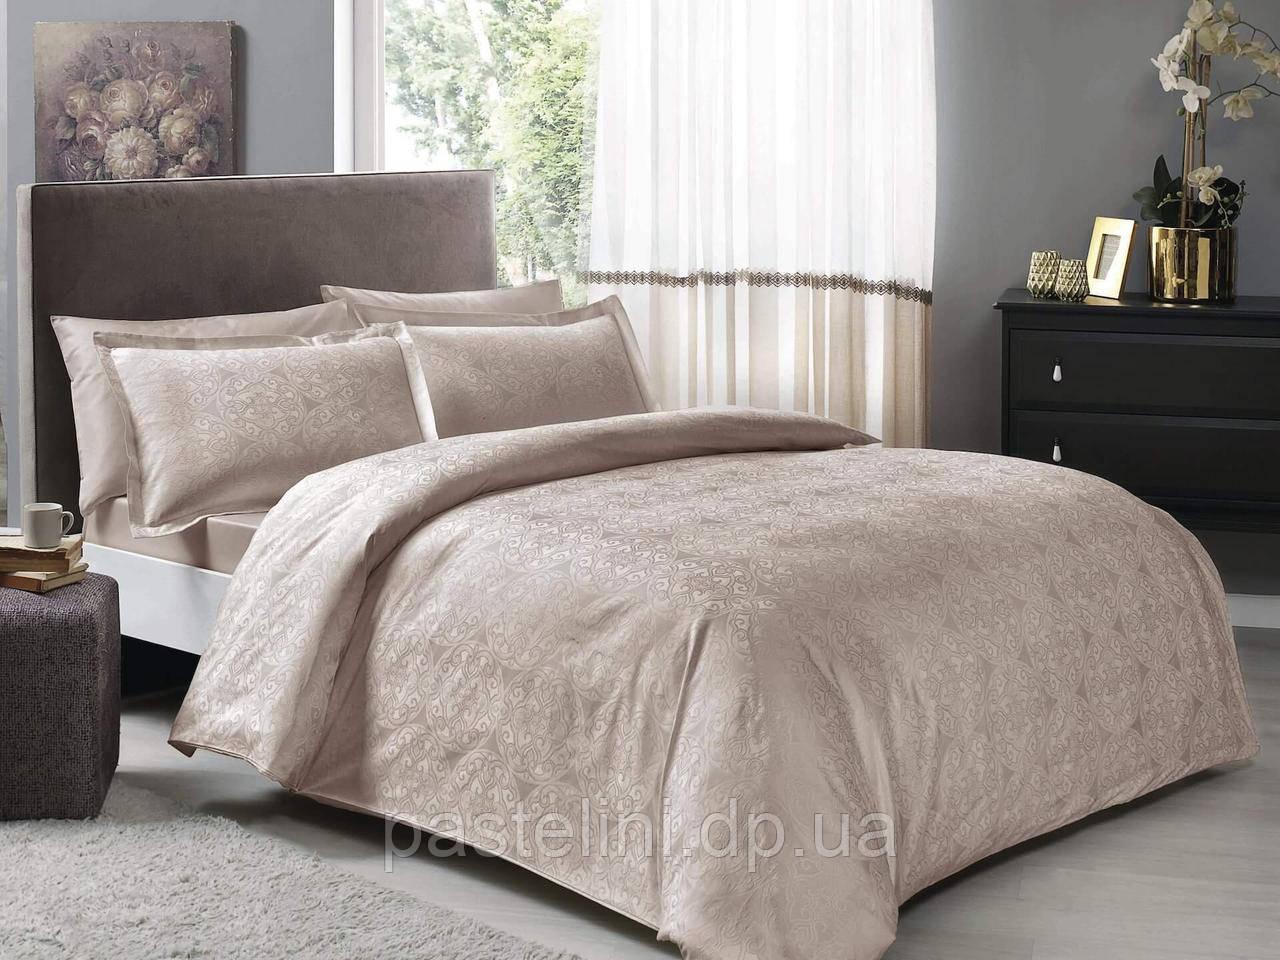 TAC Nodus  vizon   жаккардовый евро комплект постельного белья